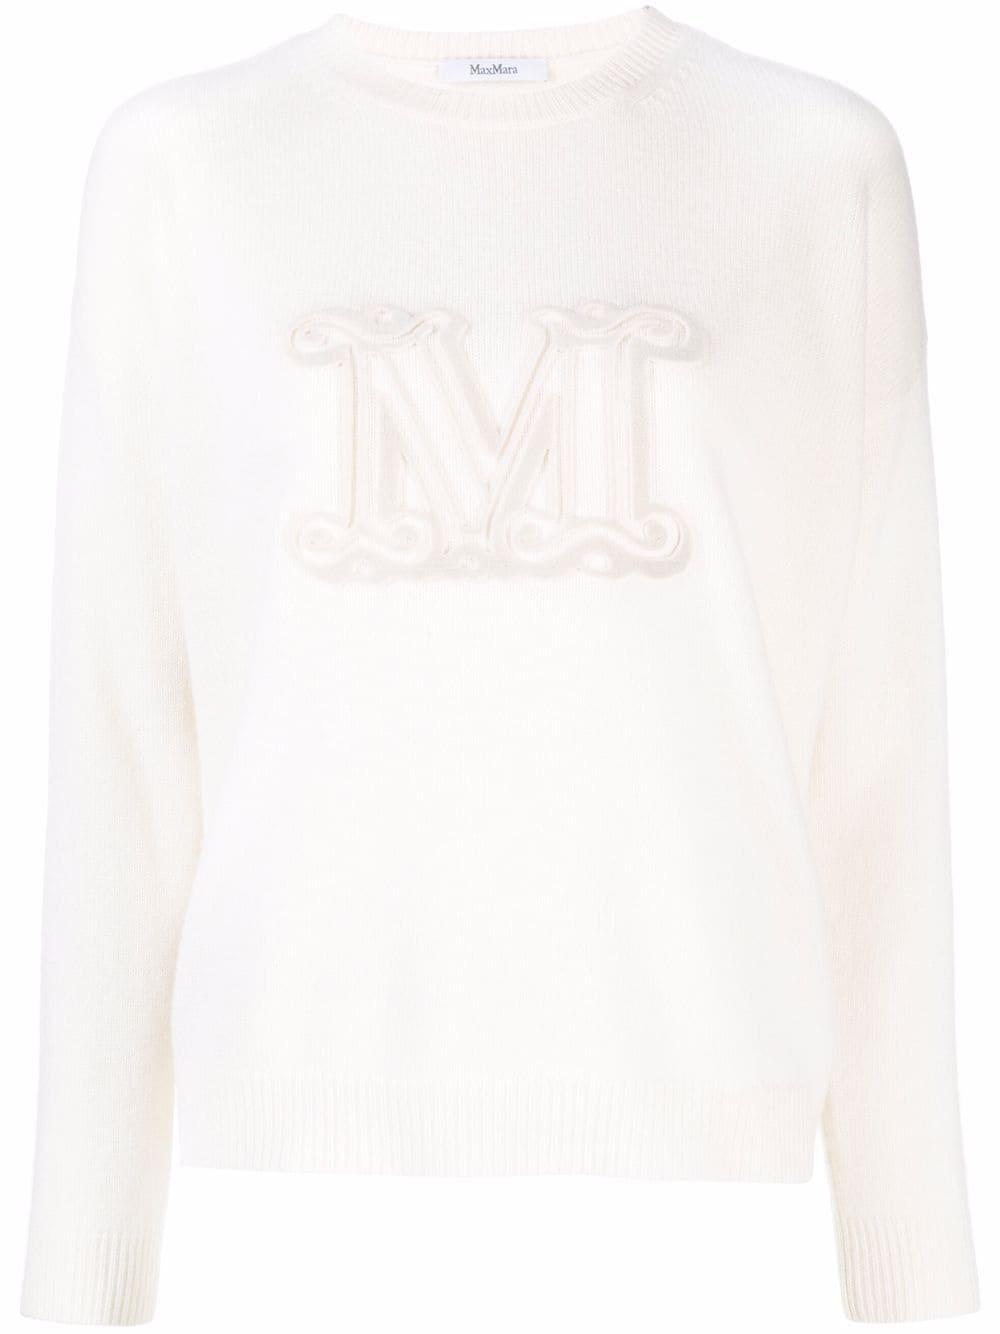 Maglia bianca MAX MARA   13660813600110001